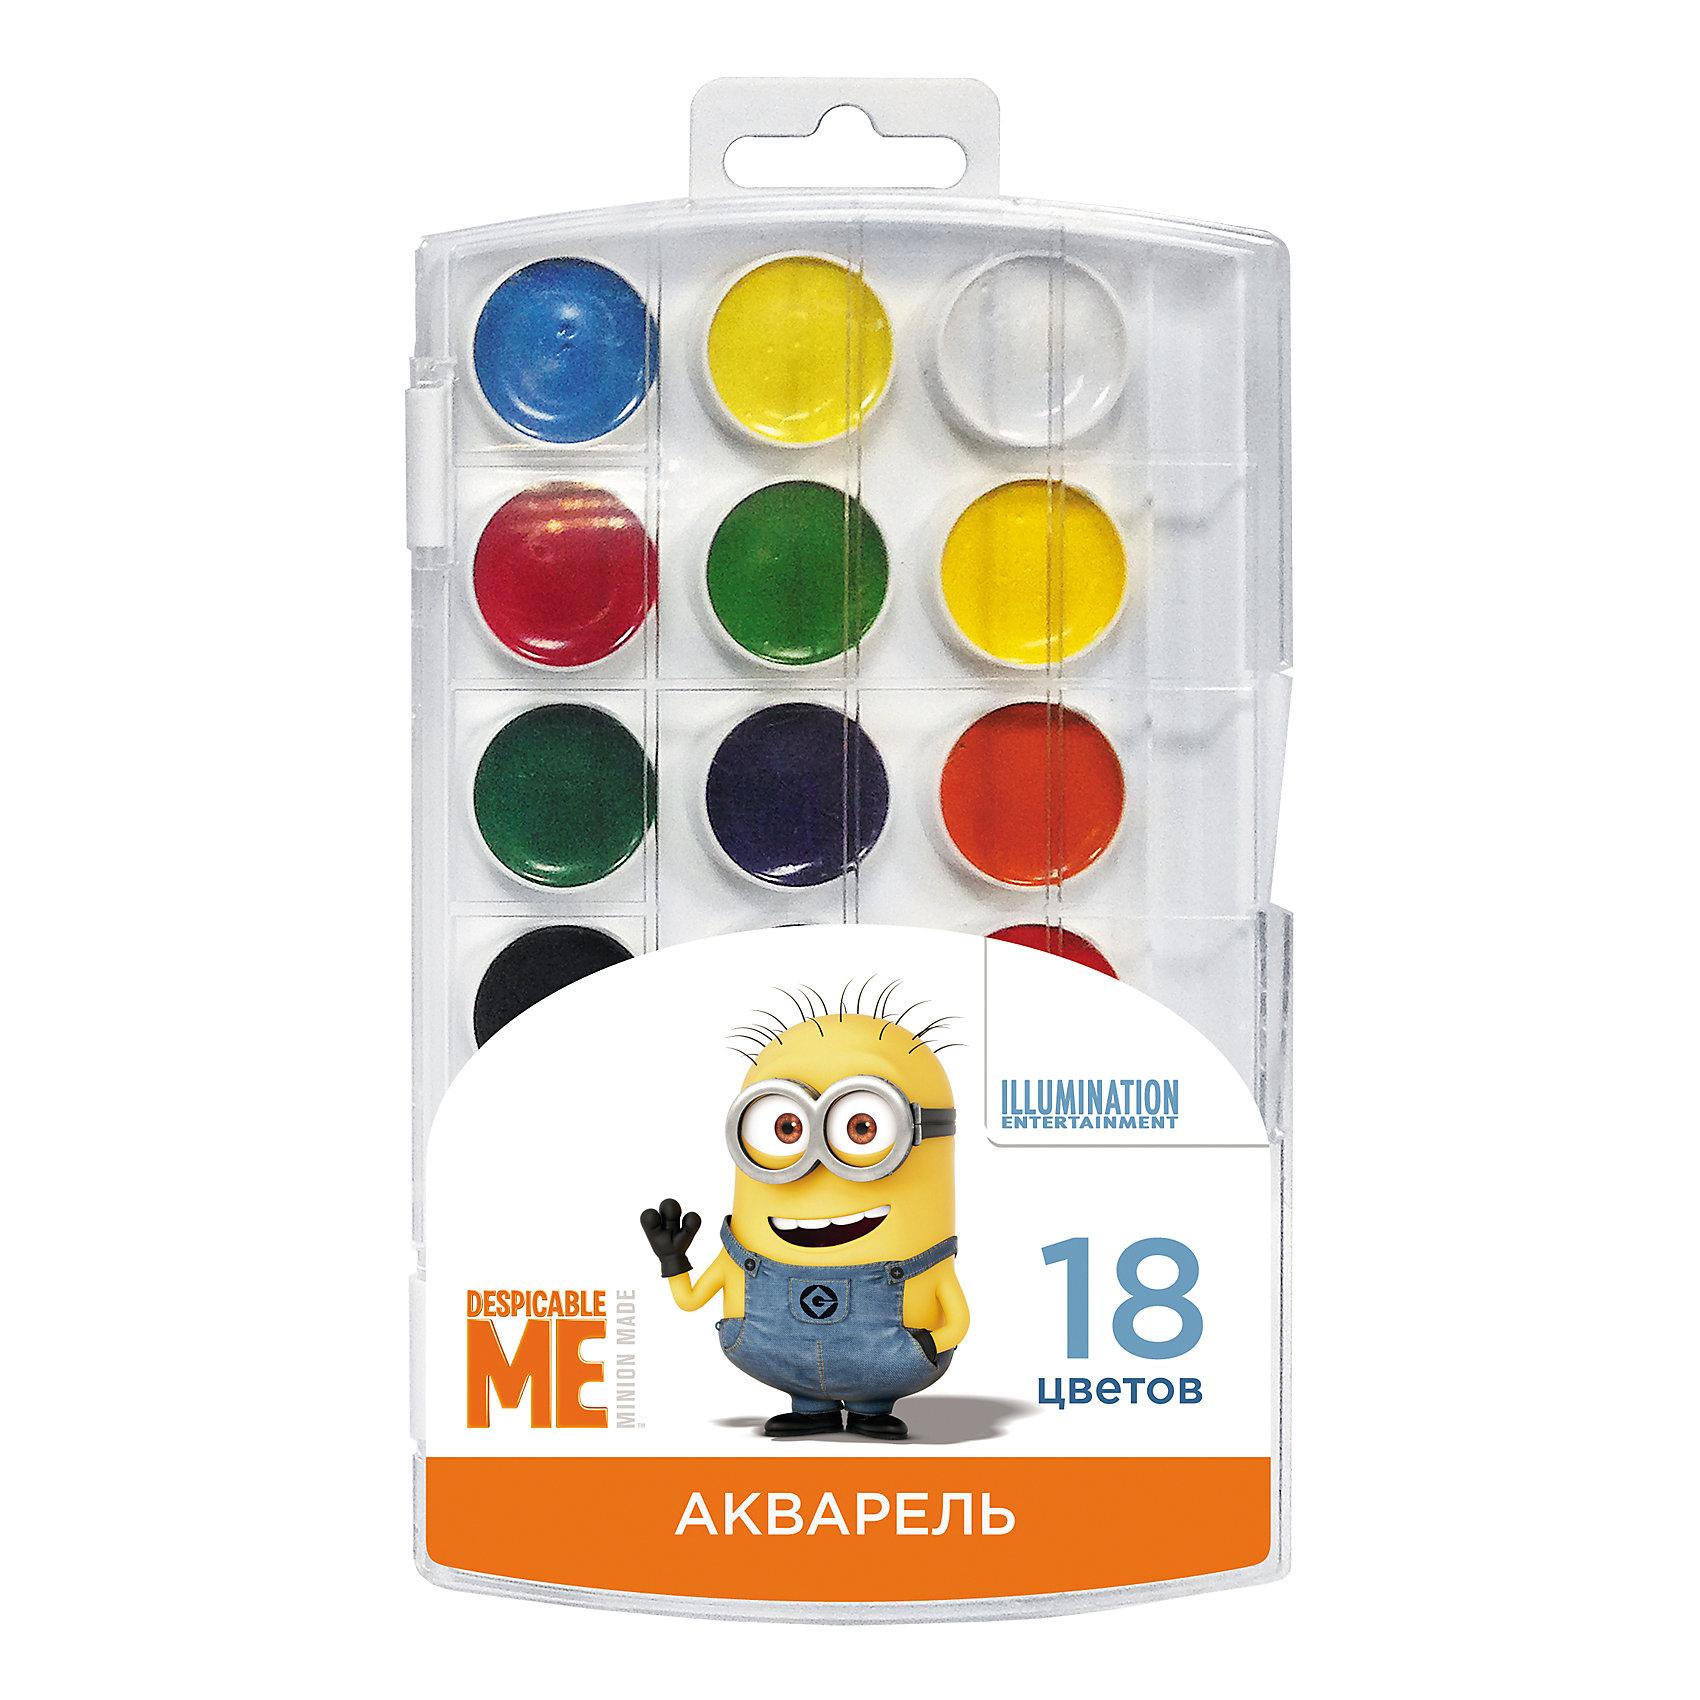 Акварель Гадкий Я 18 цветовВ наборе акварельных красок «Гадкий Я» 18 насыщенных цветов, которые помогут вашему малышу создать яркие картинки. Краски идеально подходят для рисования: они хорошо размываются водой, легко наносятся на поверхность, быстро сохнут, безопасны при использовании по назначению.<br><br>Дополнительная информация:<br><br>Состав: вода питьевая, декстрин, глицерин, сахар, органические и неорганические тонкодисперсные пигменты, консервант, наполнитель.<br>Не содержит спирта. <br>Срок годности не ограничен.<br>Размер упаковки: 11,5х19,7х1,2 см.<br><br>Акварель Гадкий Я 18 цветов можно купить в нашем магазине.<br><br>Ширина мм: 195<br>Глубина мм: 110<br>Высота мм: 10<br>Вес г: 118<br>Возраст от месяцев: 36<br>Возраст до месяцев: 108<br>Пол: Унисекс<br>Возраст: Детский<br>SKU: 4602316